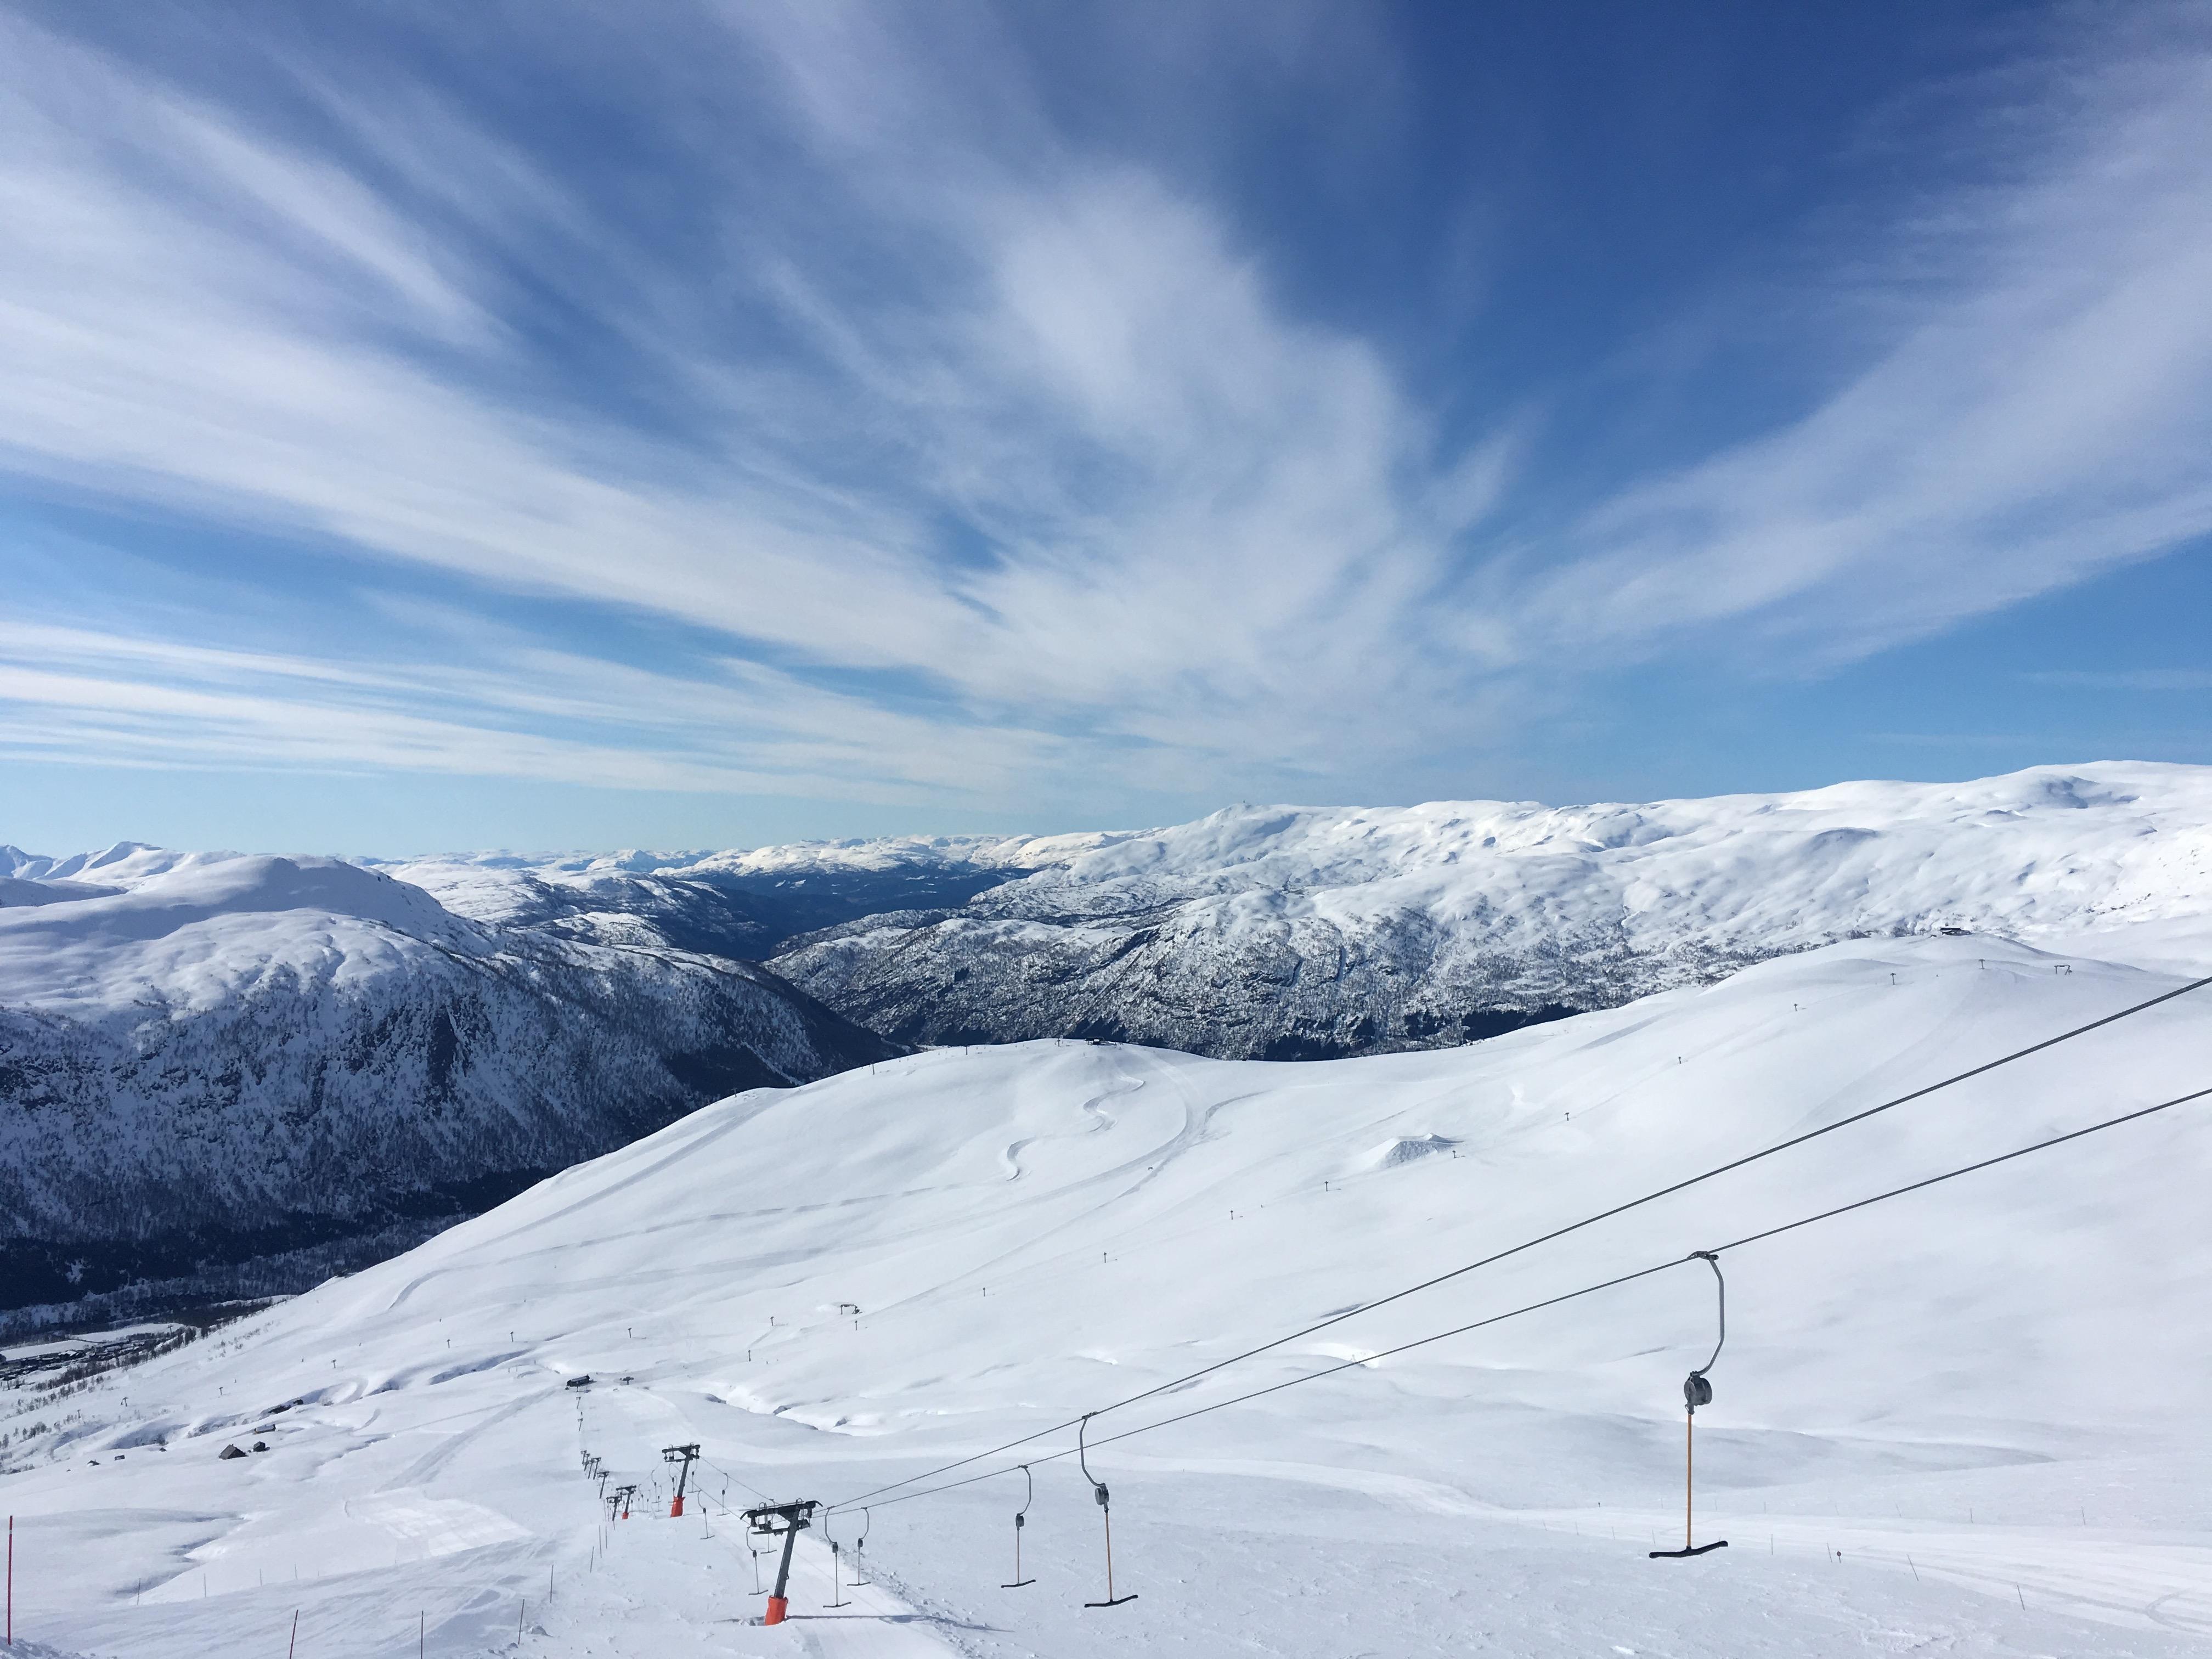 Myrkdalen – Norges Ambitiøse Og Upåagtede Skiområde Med 5-6 Meters Snefald På En Dårlig Sæson